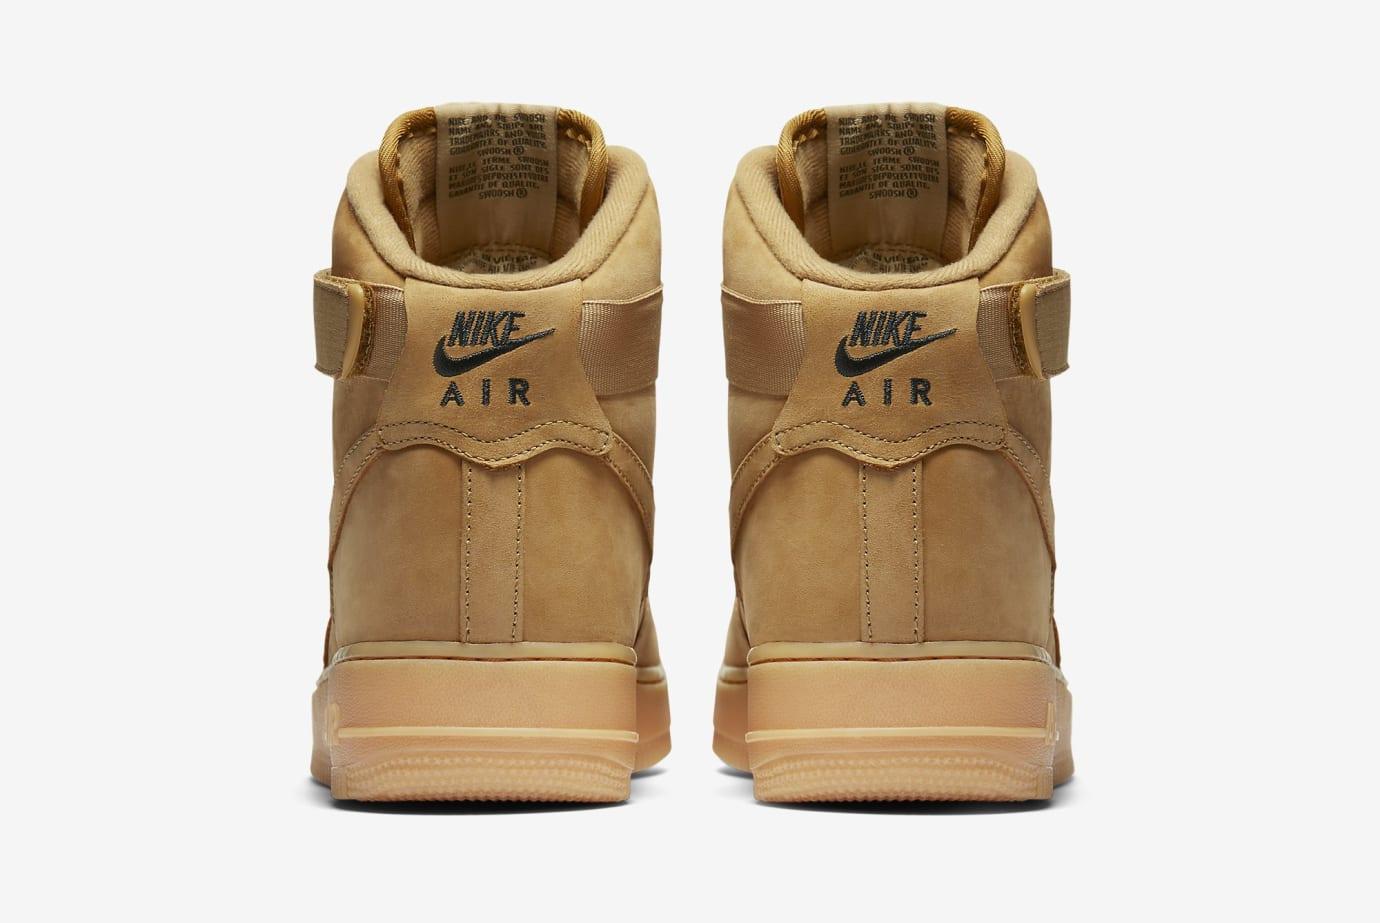 'Wheat' Nike Air Force 1 High 882096-200 (Heel)